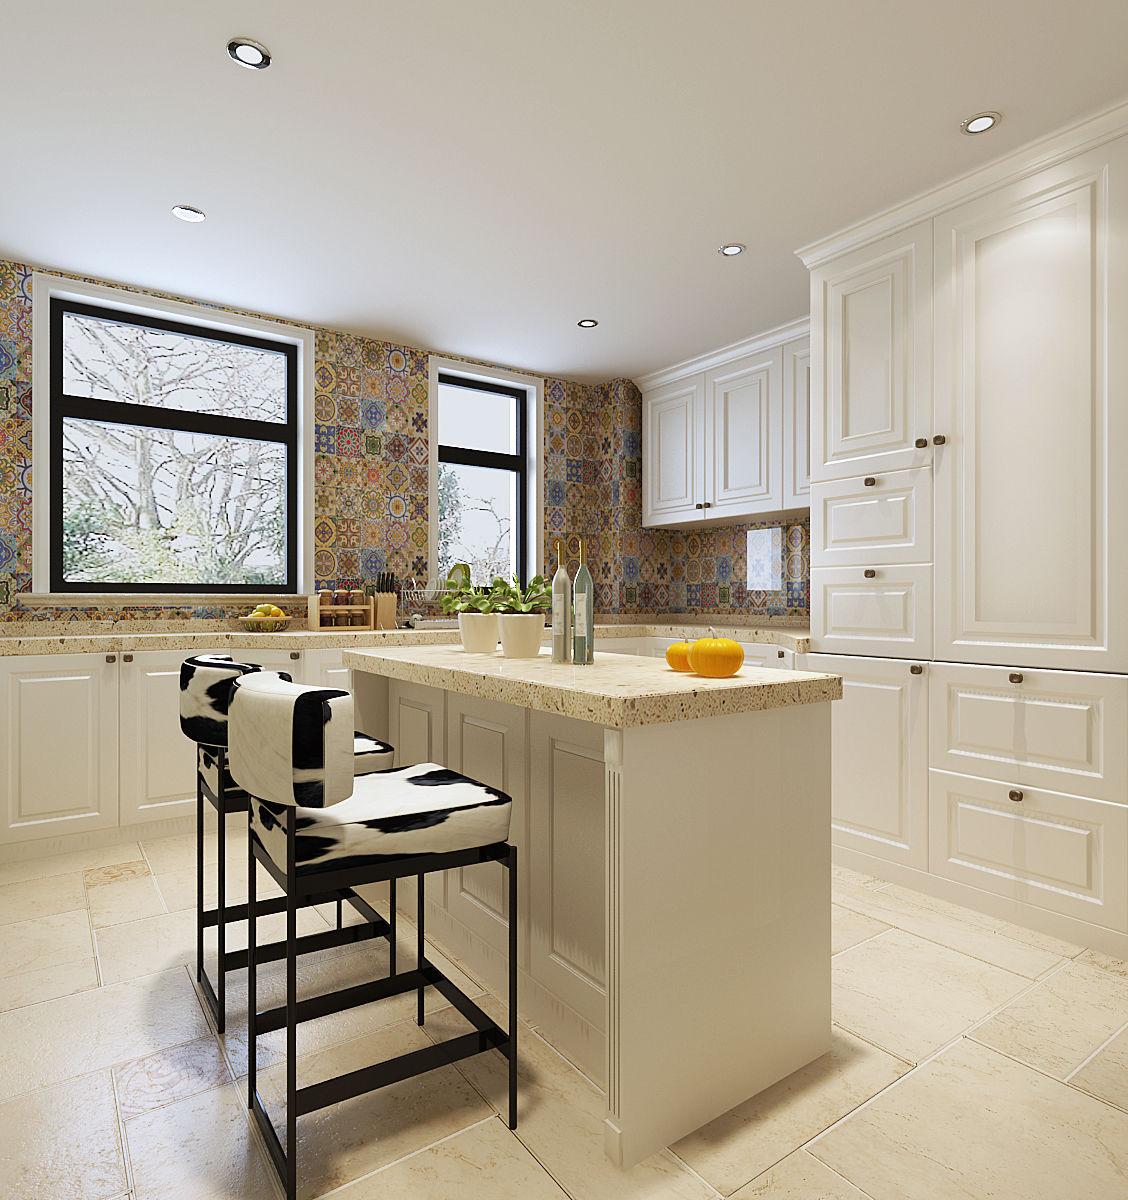 中西开放式厨房装修设计案例及效果图欣赏